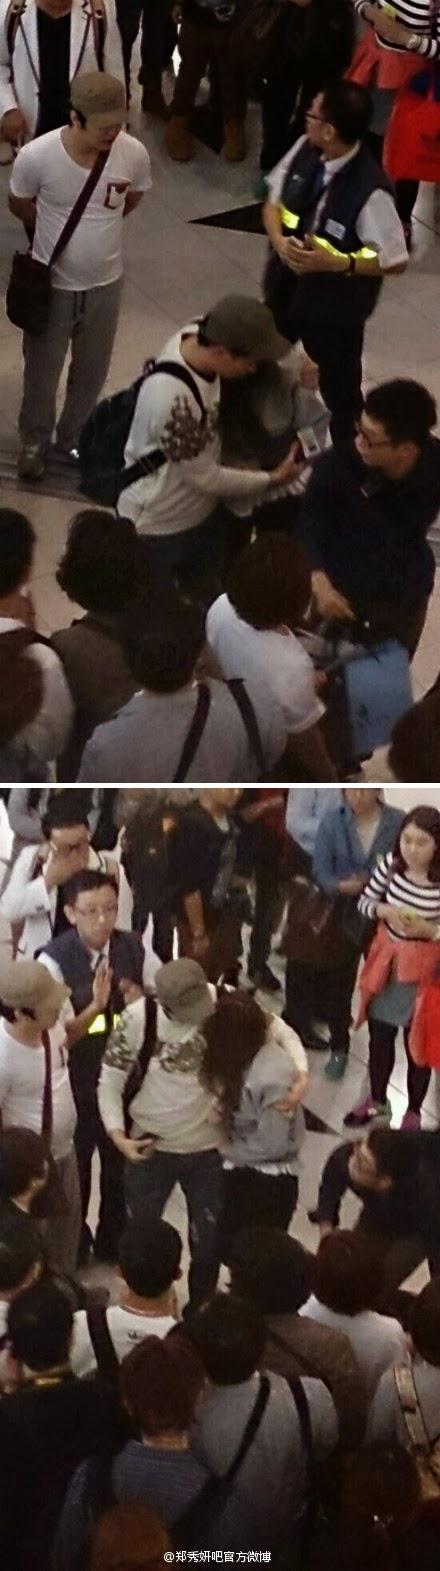 ช็อค!!เจสสิก้า SNSD เป็นลมล้มที่สนามบินฮ่องกง